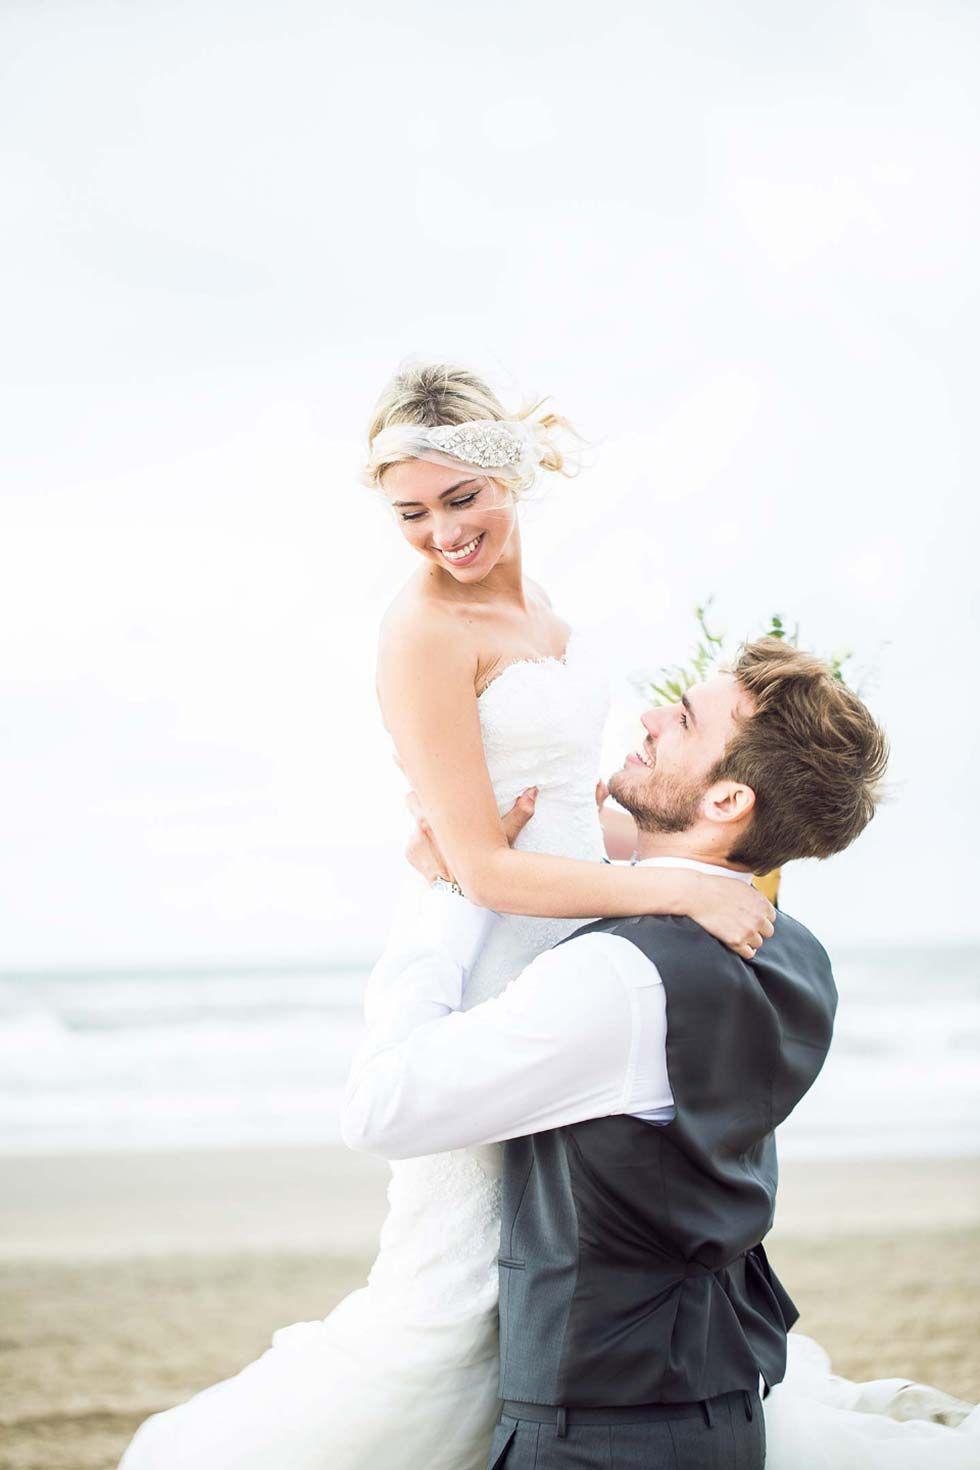 Eine Nostalgische Strand Hochzeitsinspiration Macht Lust Auf Die